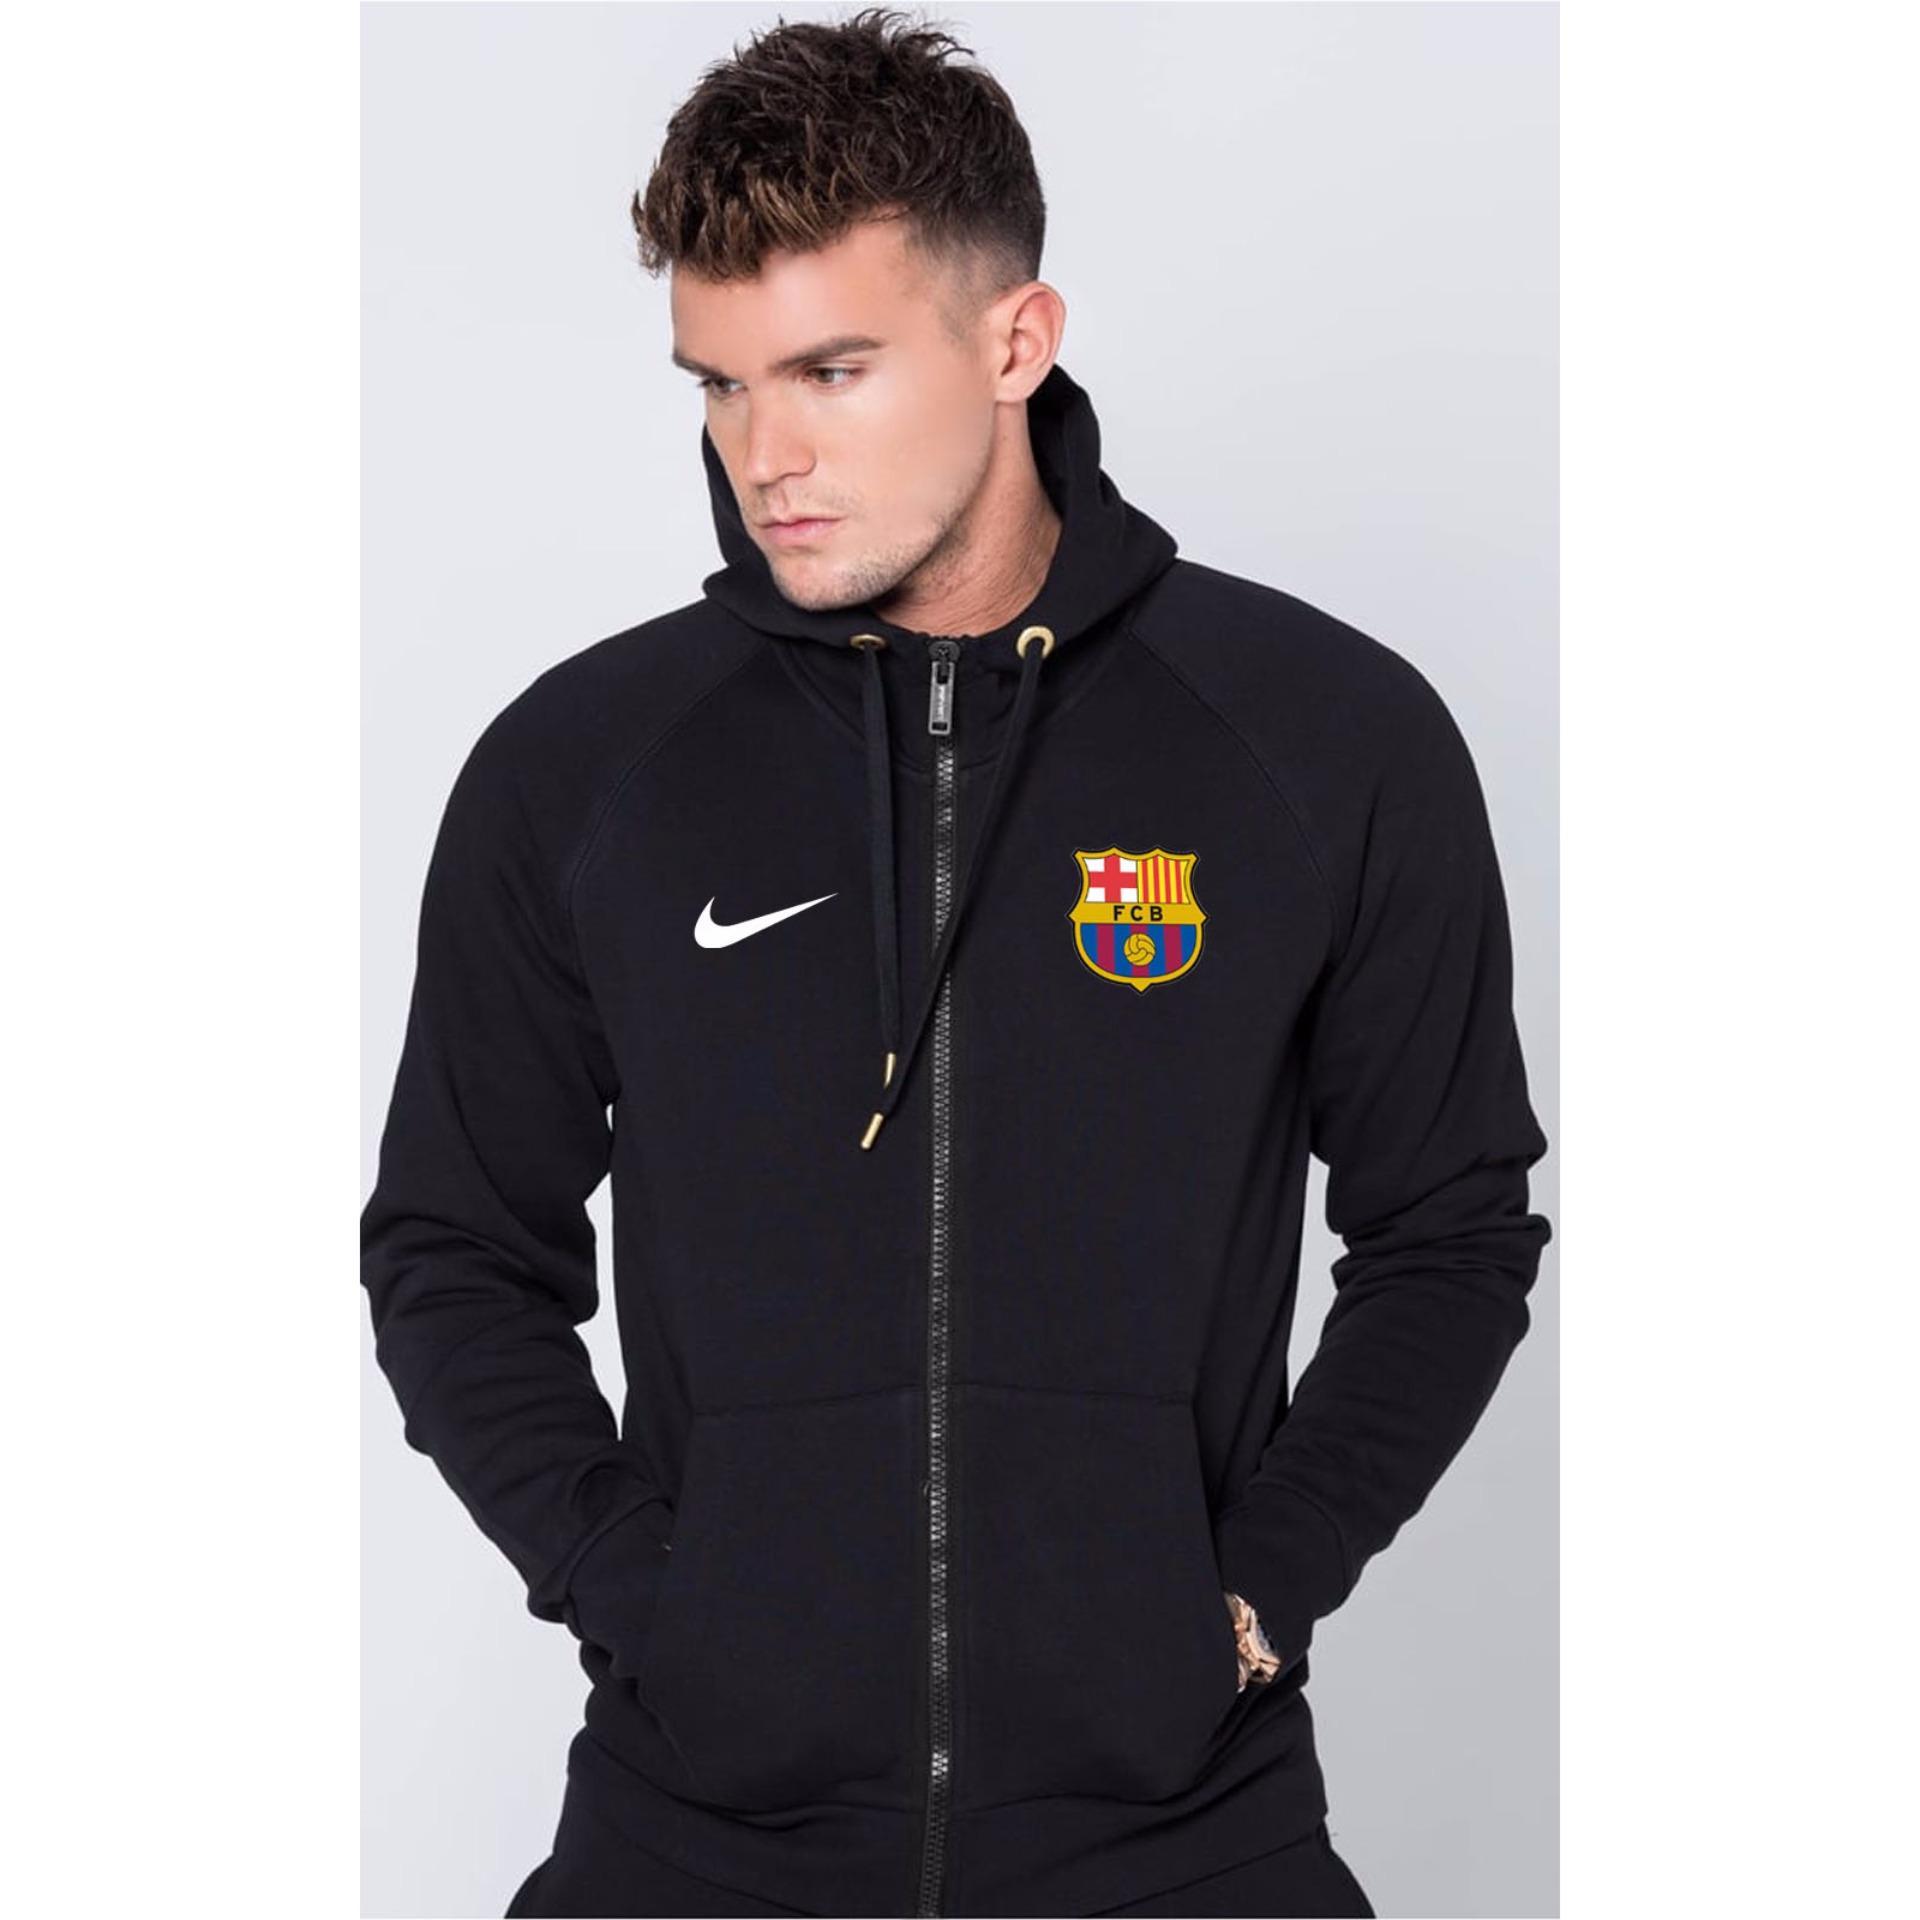 Just Cloth Jaket Zipper Barcelona La Blaugrana Hitam Diskon Akhir Tahun